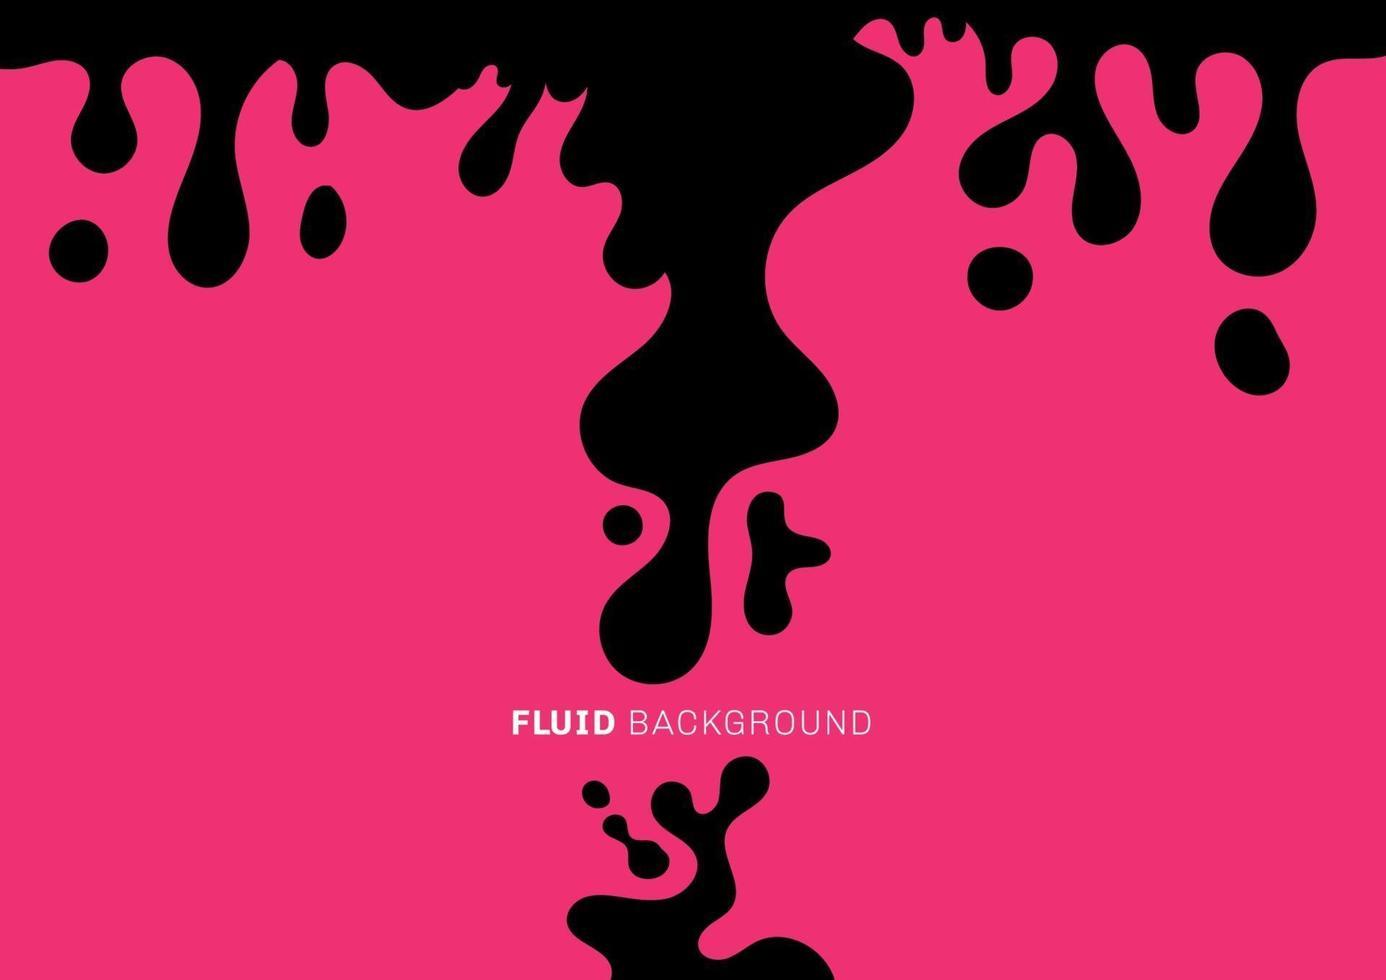 abstrakte schwarze Flüssigkeit oder flüssige dynamische Wellen fallen auf rosa Hintergrund. minimaler Stil. vektor